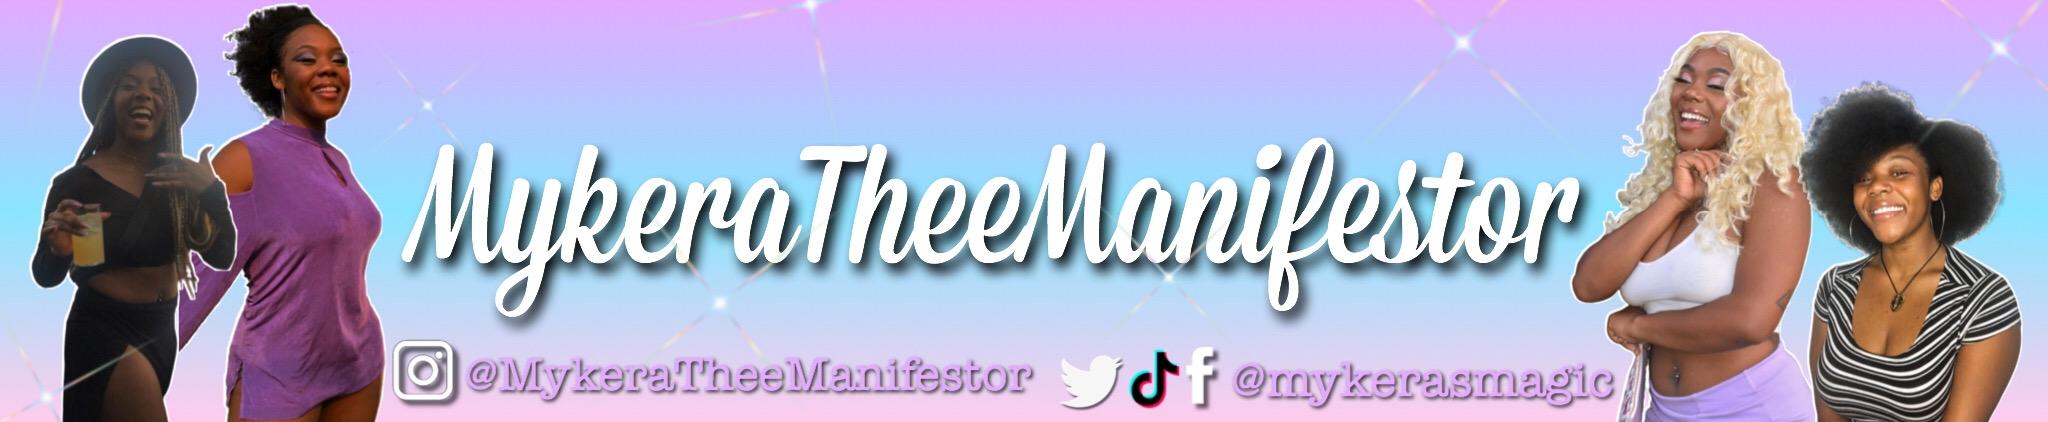 Mykera Thee Manifestor